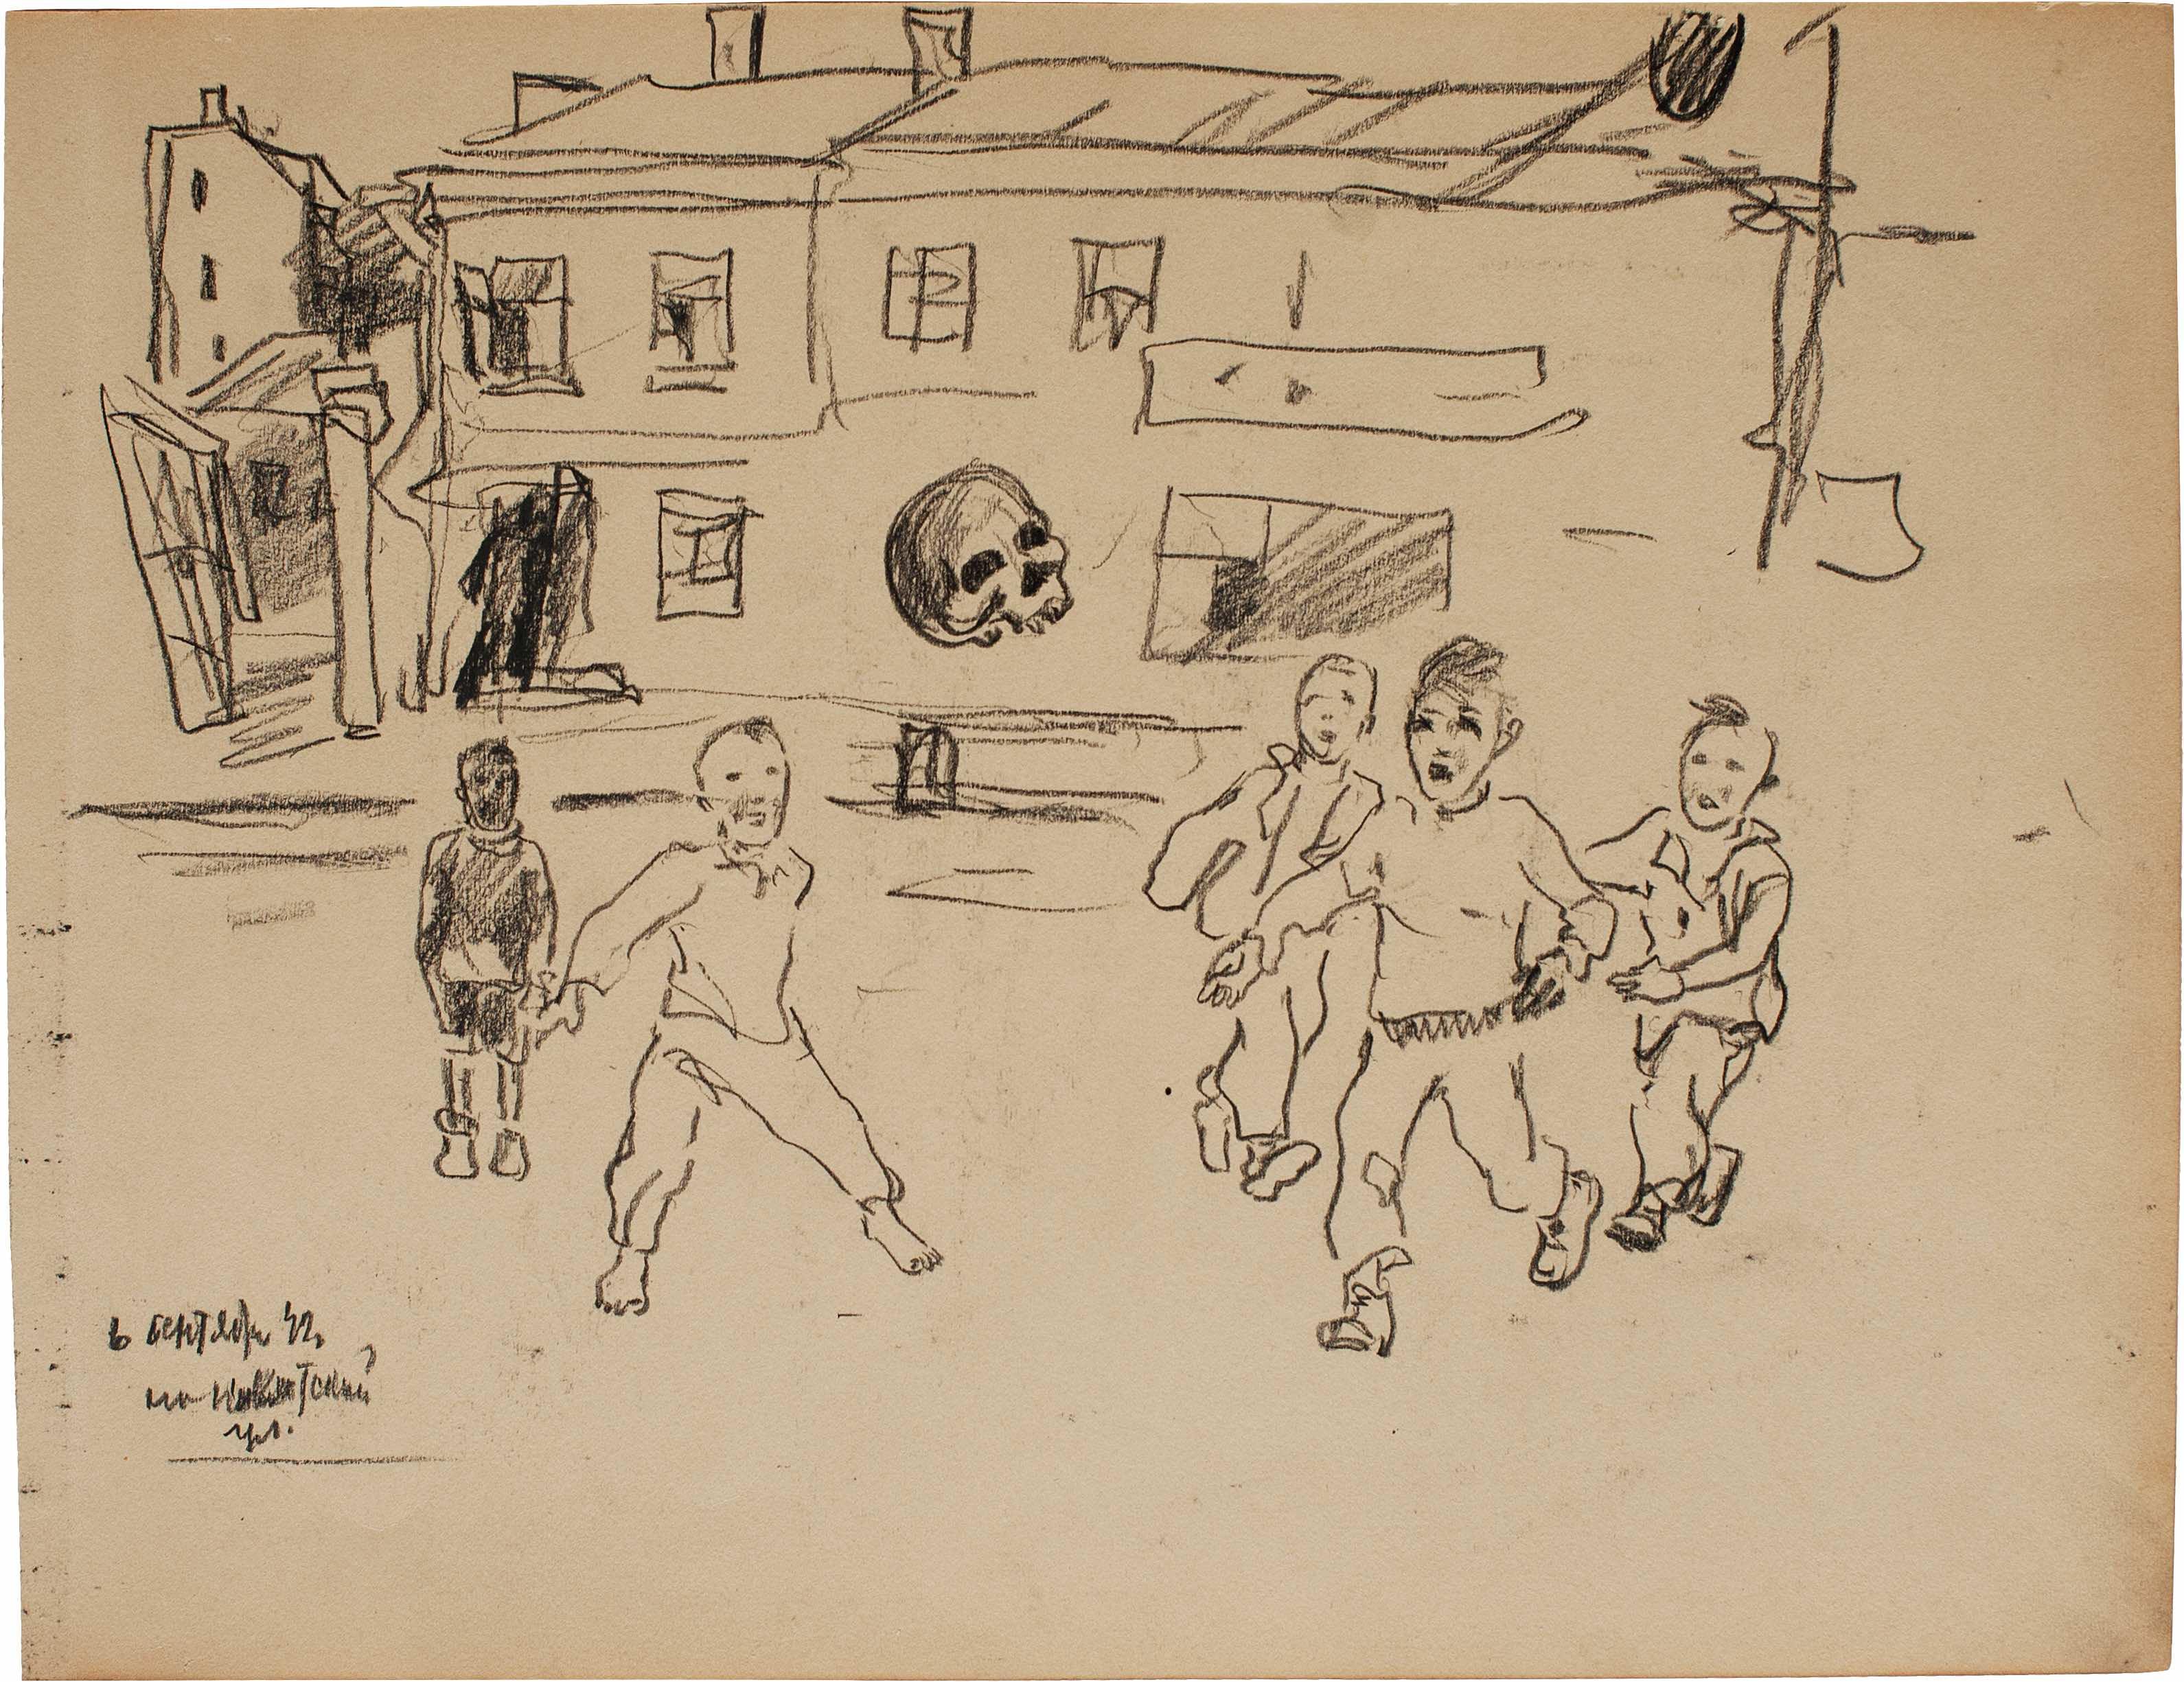 Александр Дейнека. «6 октября 42 года. По Никитской улице». 1942